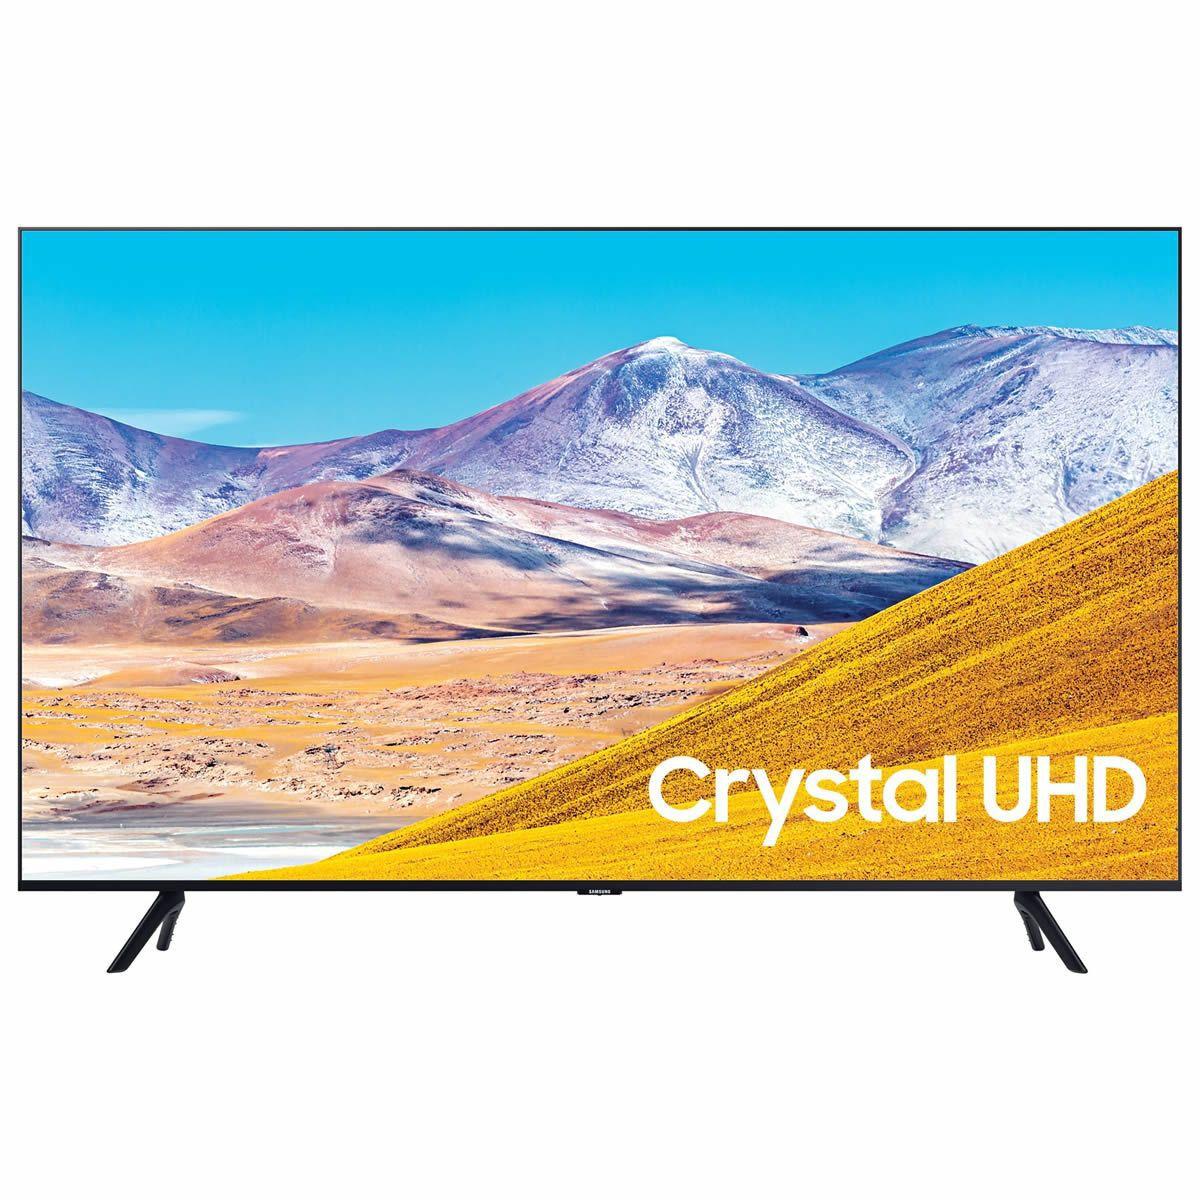 Samsung UE55TU8000KXXU 55inch 4k TV at Electrical discount